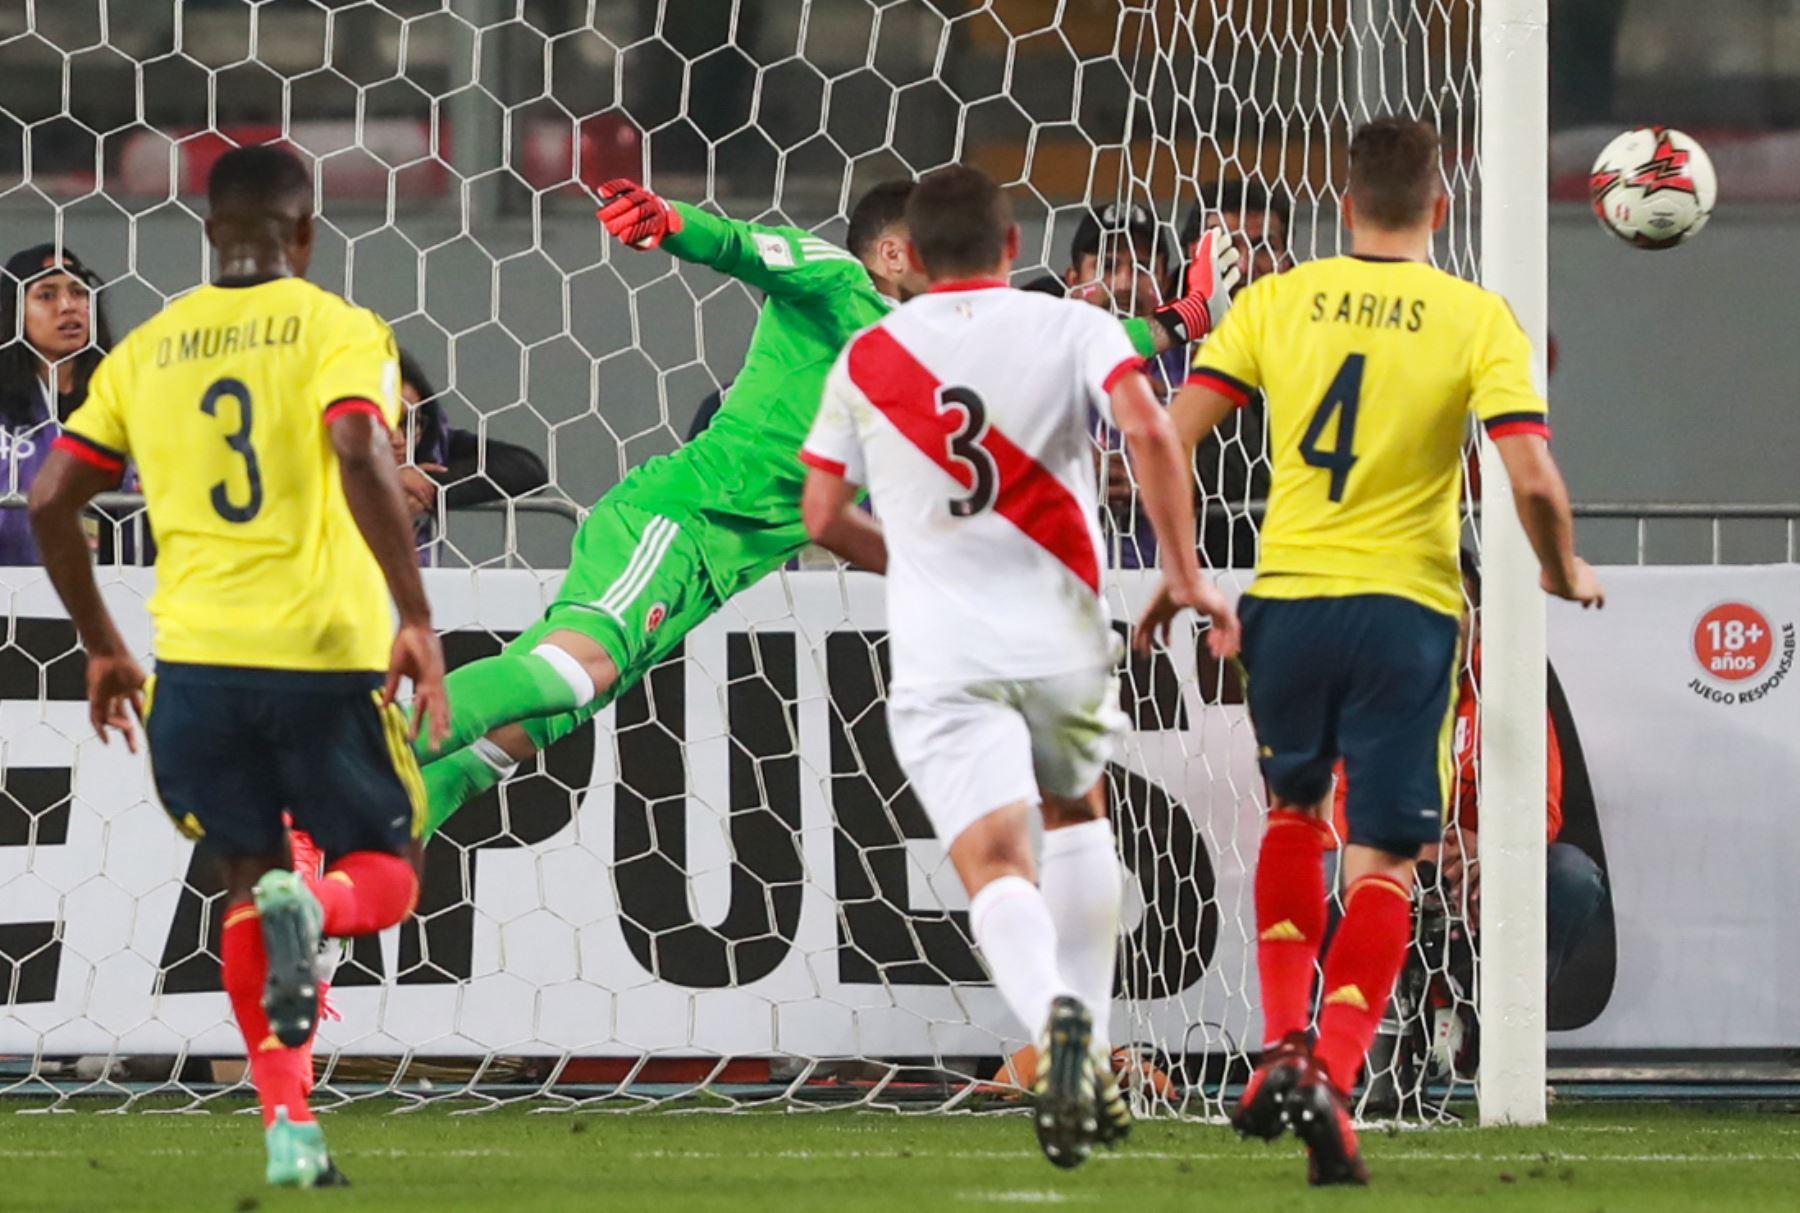 12/10/2017   La selección peruana de fútbol se enfrenta a su similar de Colombia por las eliminatorias sudamericanas a la Copa Mundial de la FIFA Rusia 2018. Foto: ANDINA/Carlos Lezama.